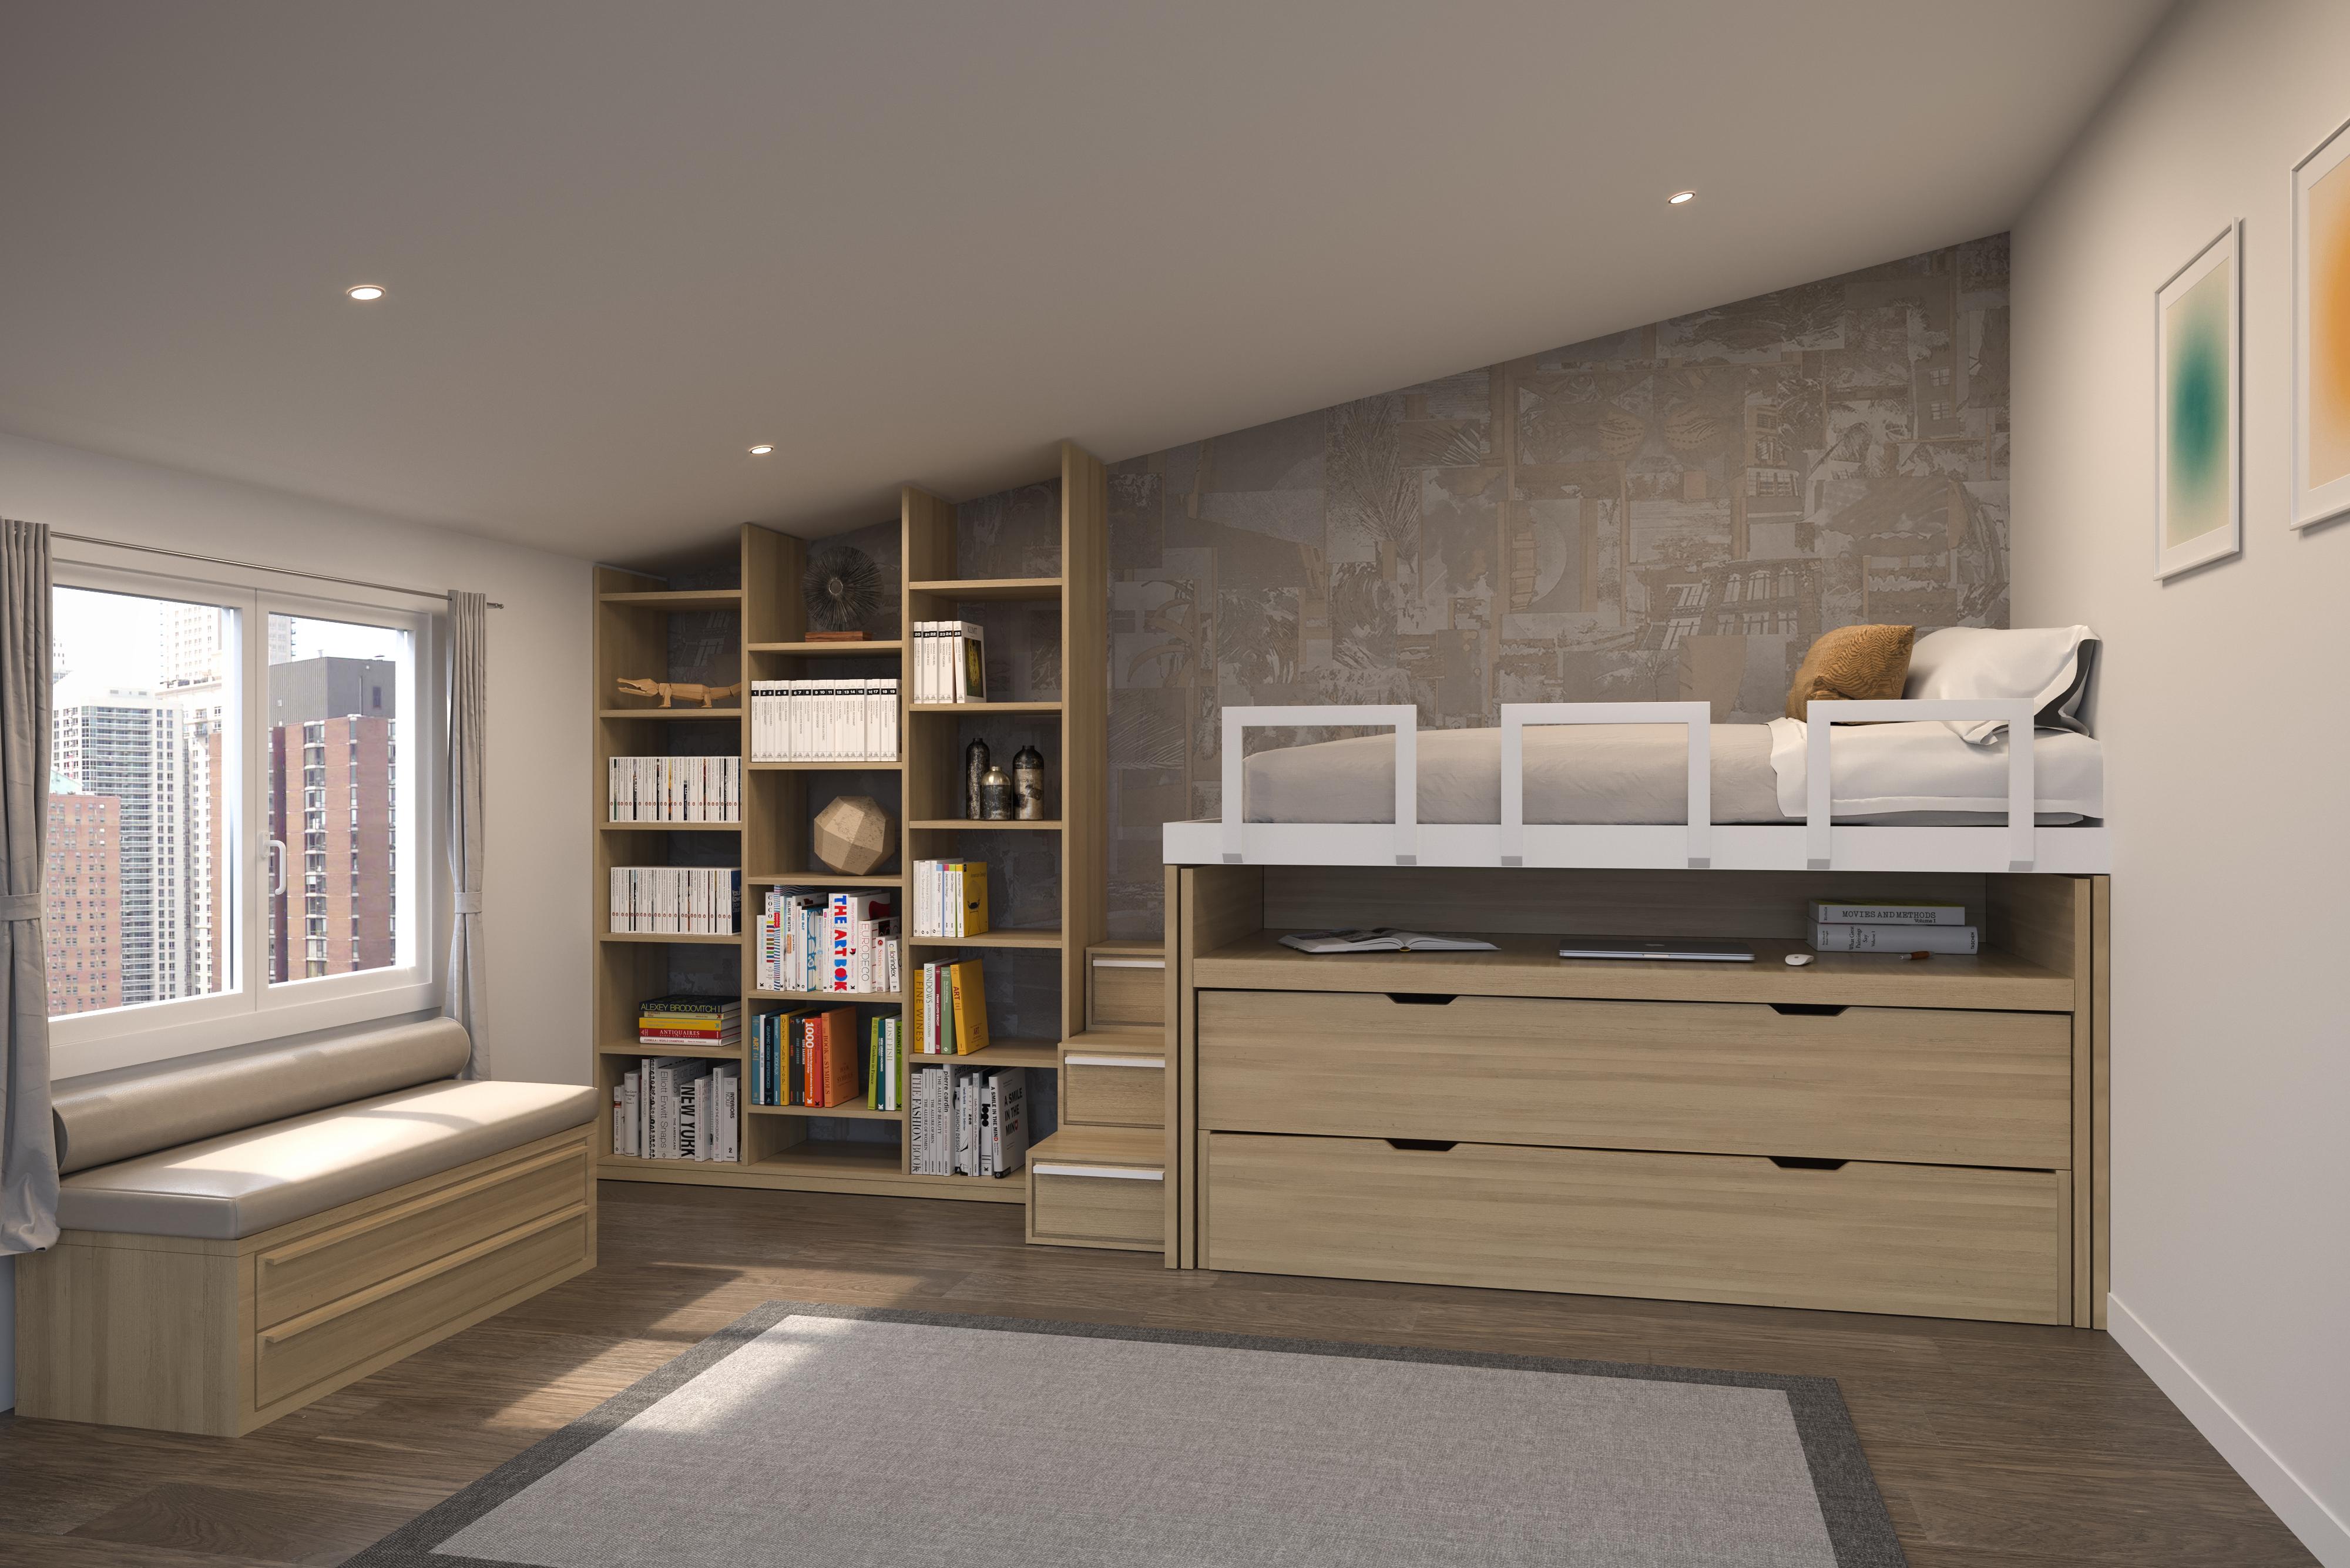 Aménager Bureau Chambre Amis spaziobed - lit gain de place - gigogne